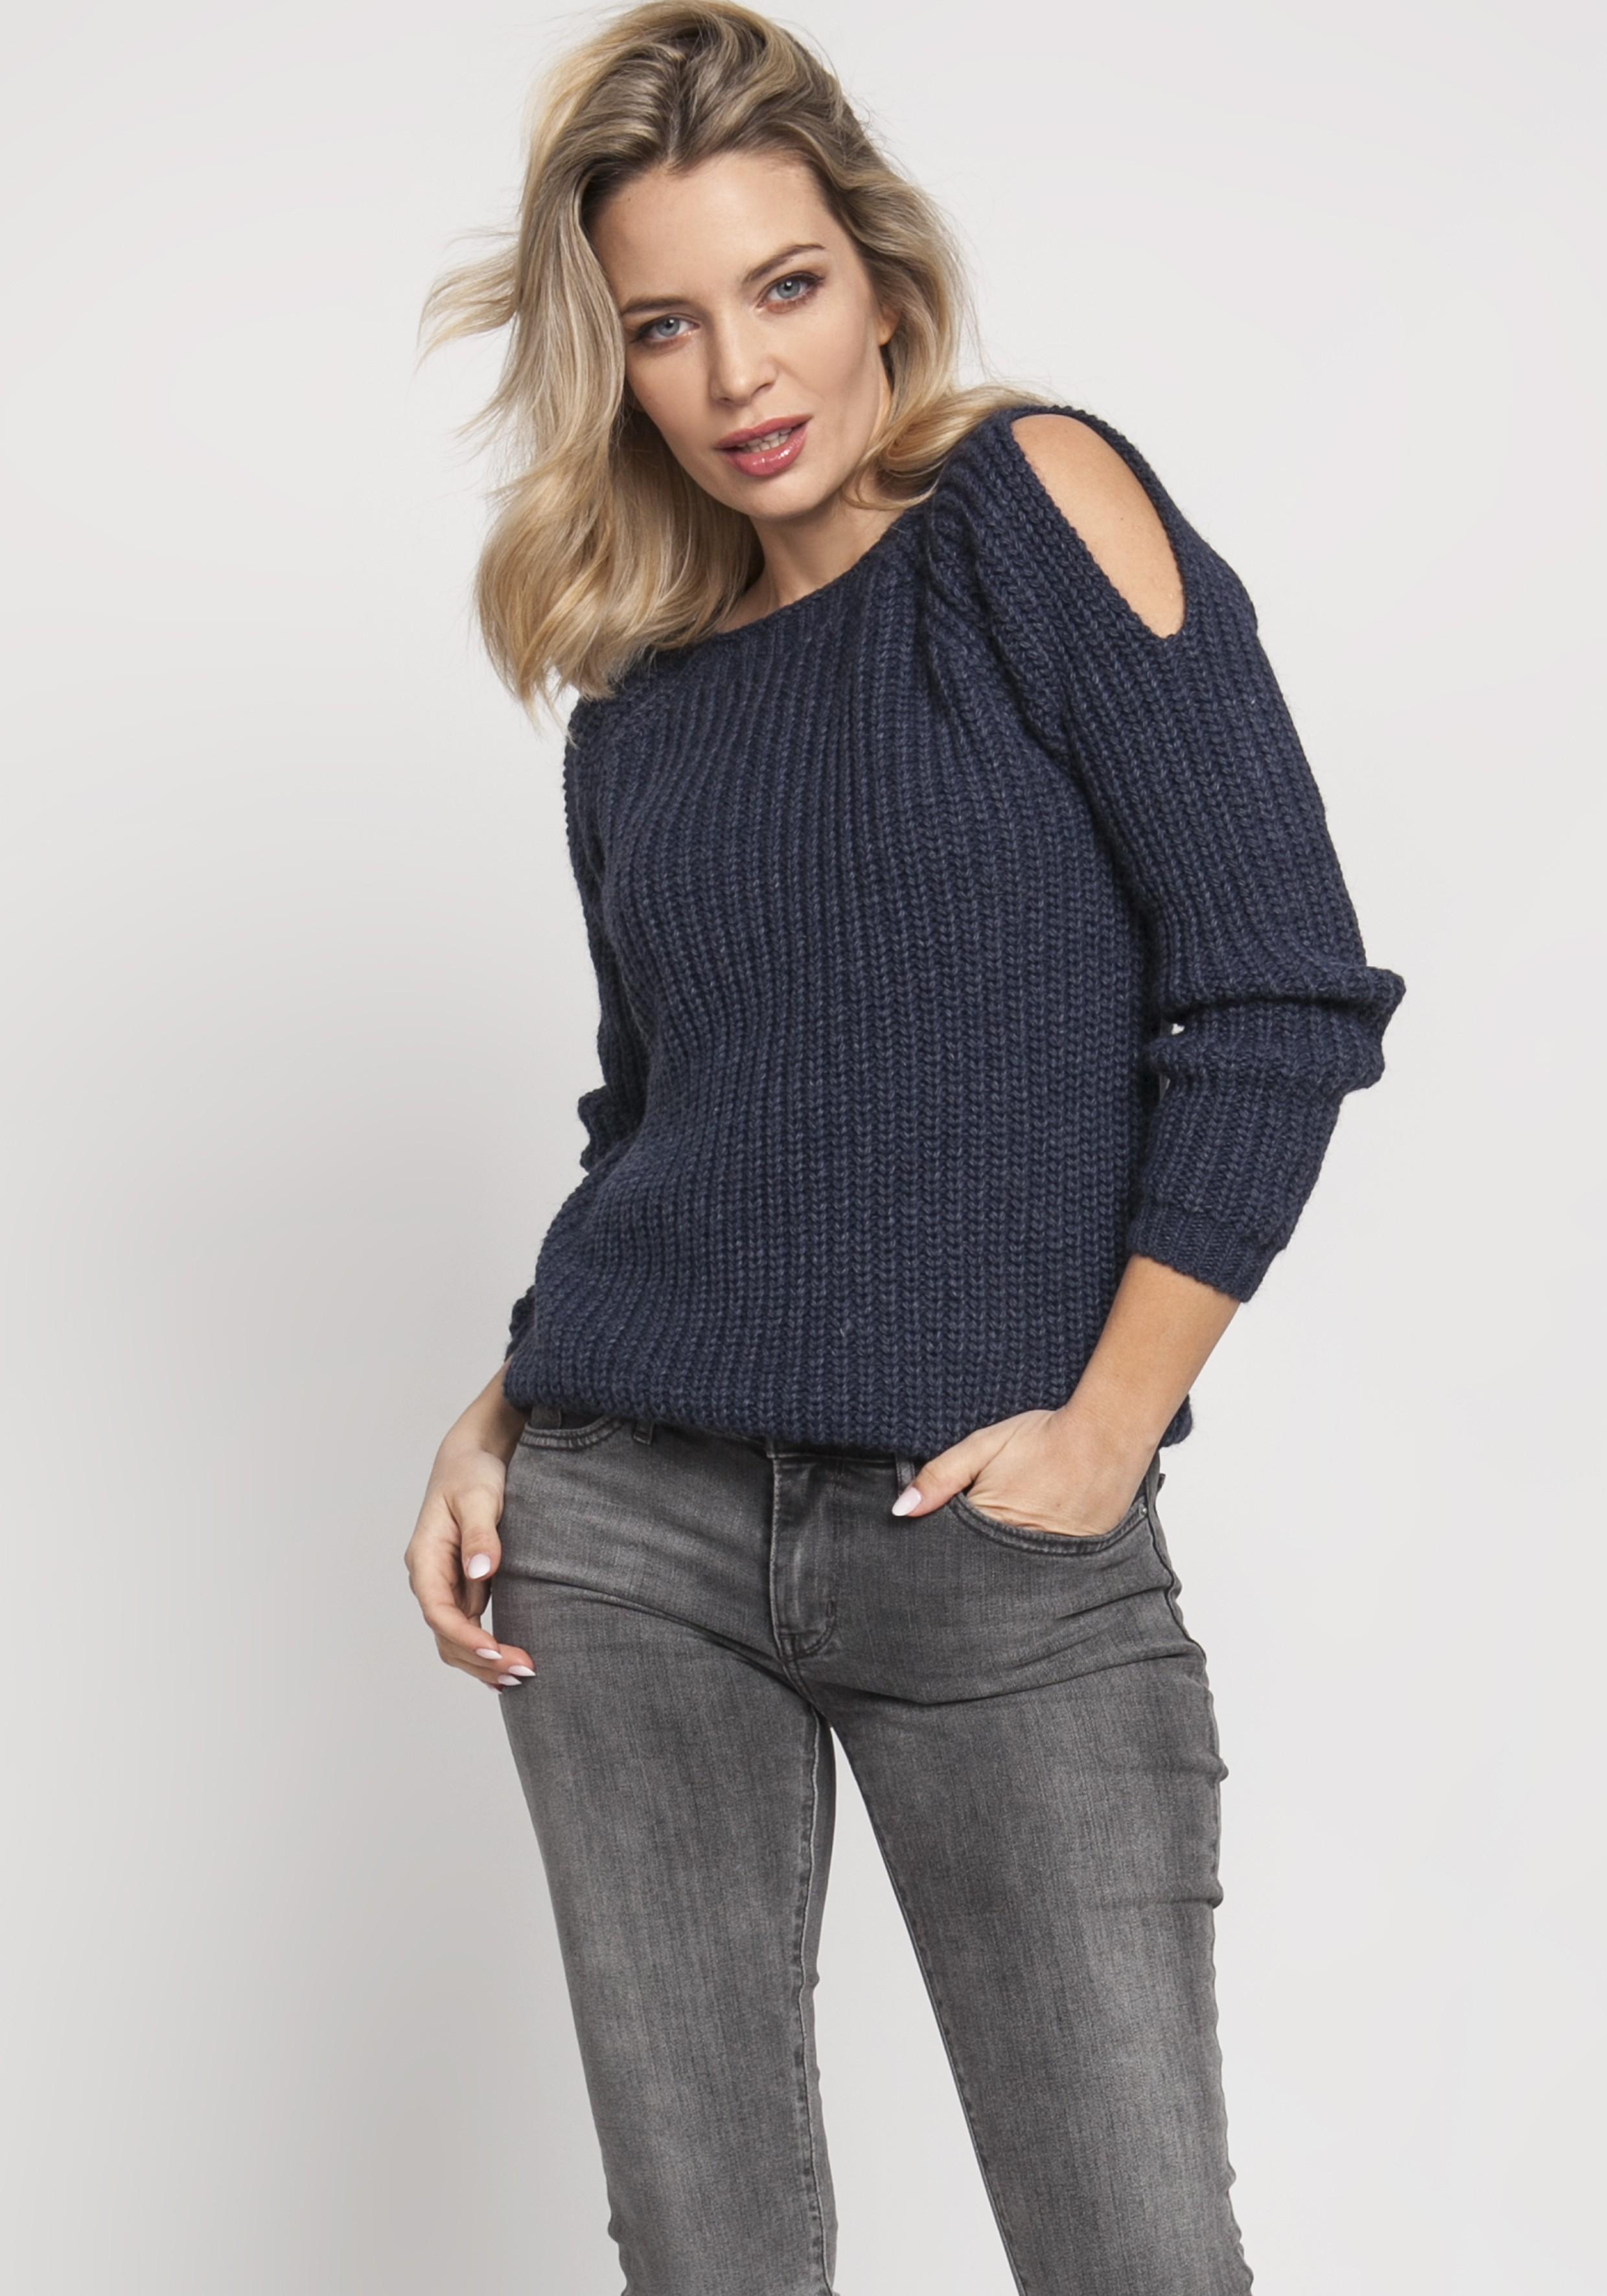 Pletený dámsky modrý sveter s otvormi na pleciach - S